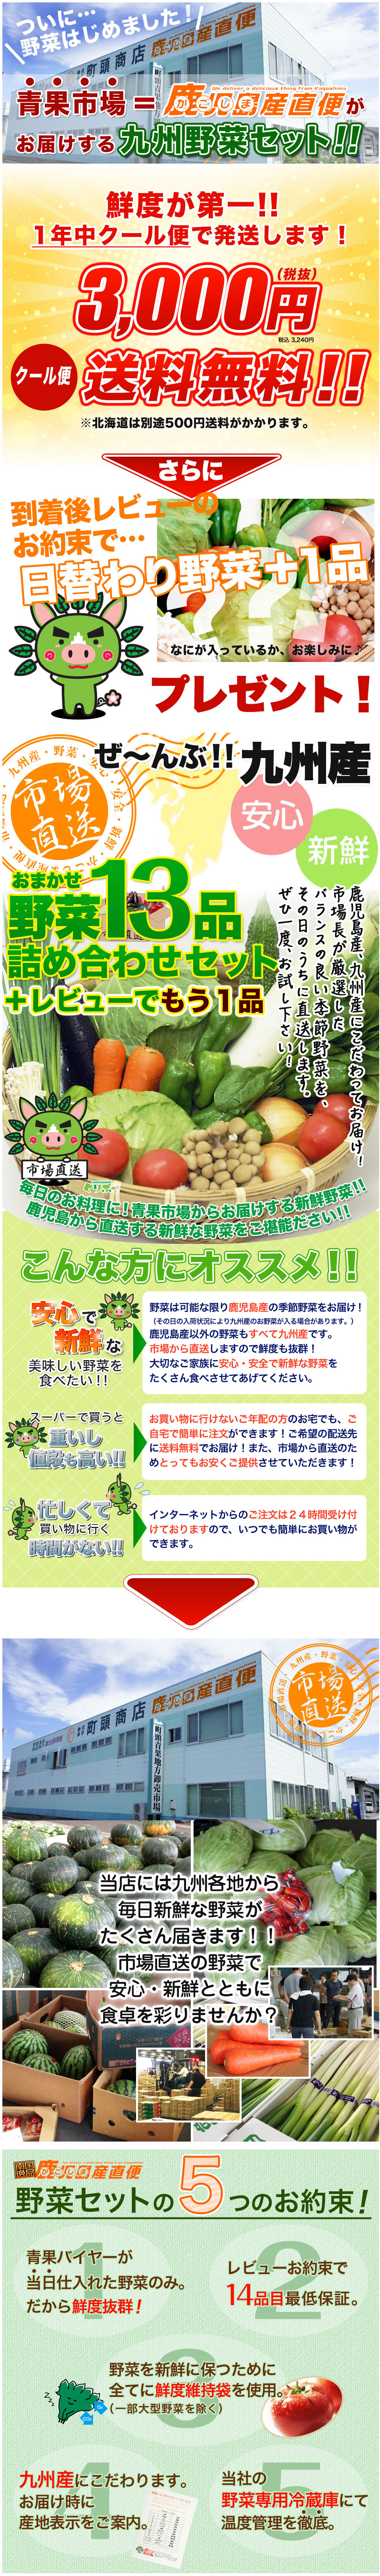 食品 野菜